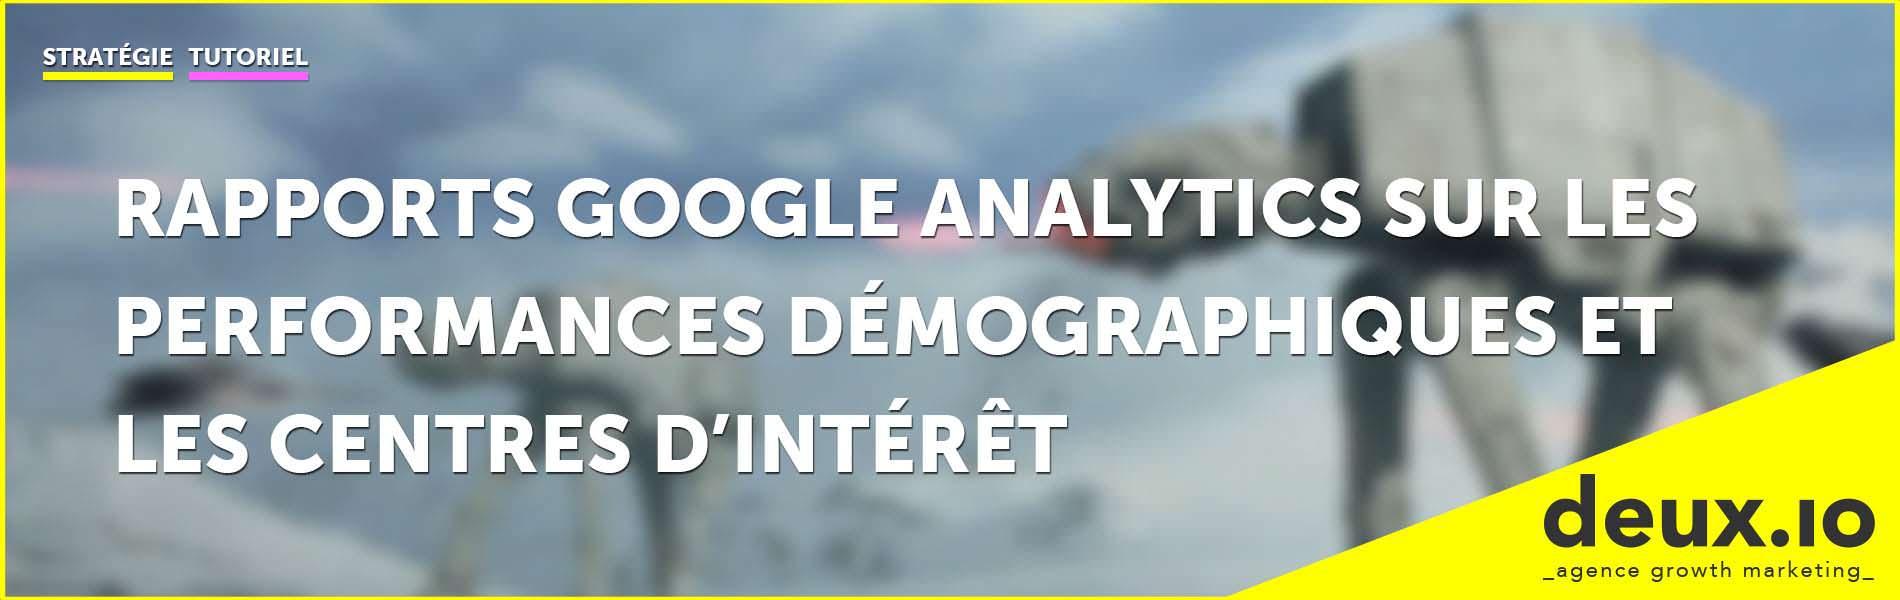 rapports google analytics sur les performances démographiques et les centres d'intérêt